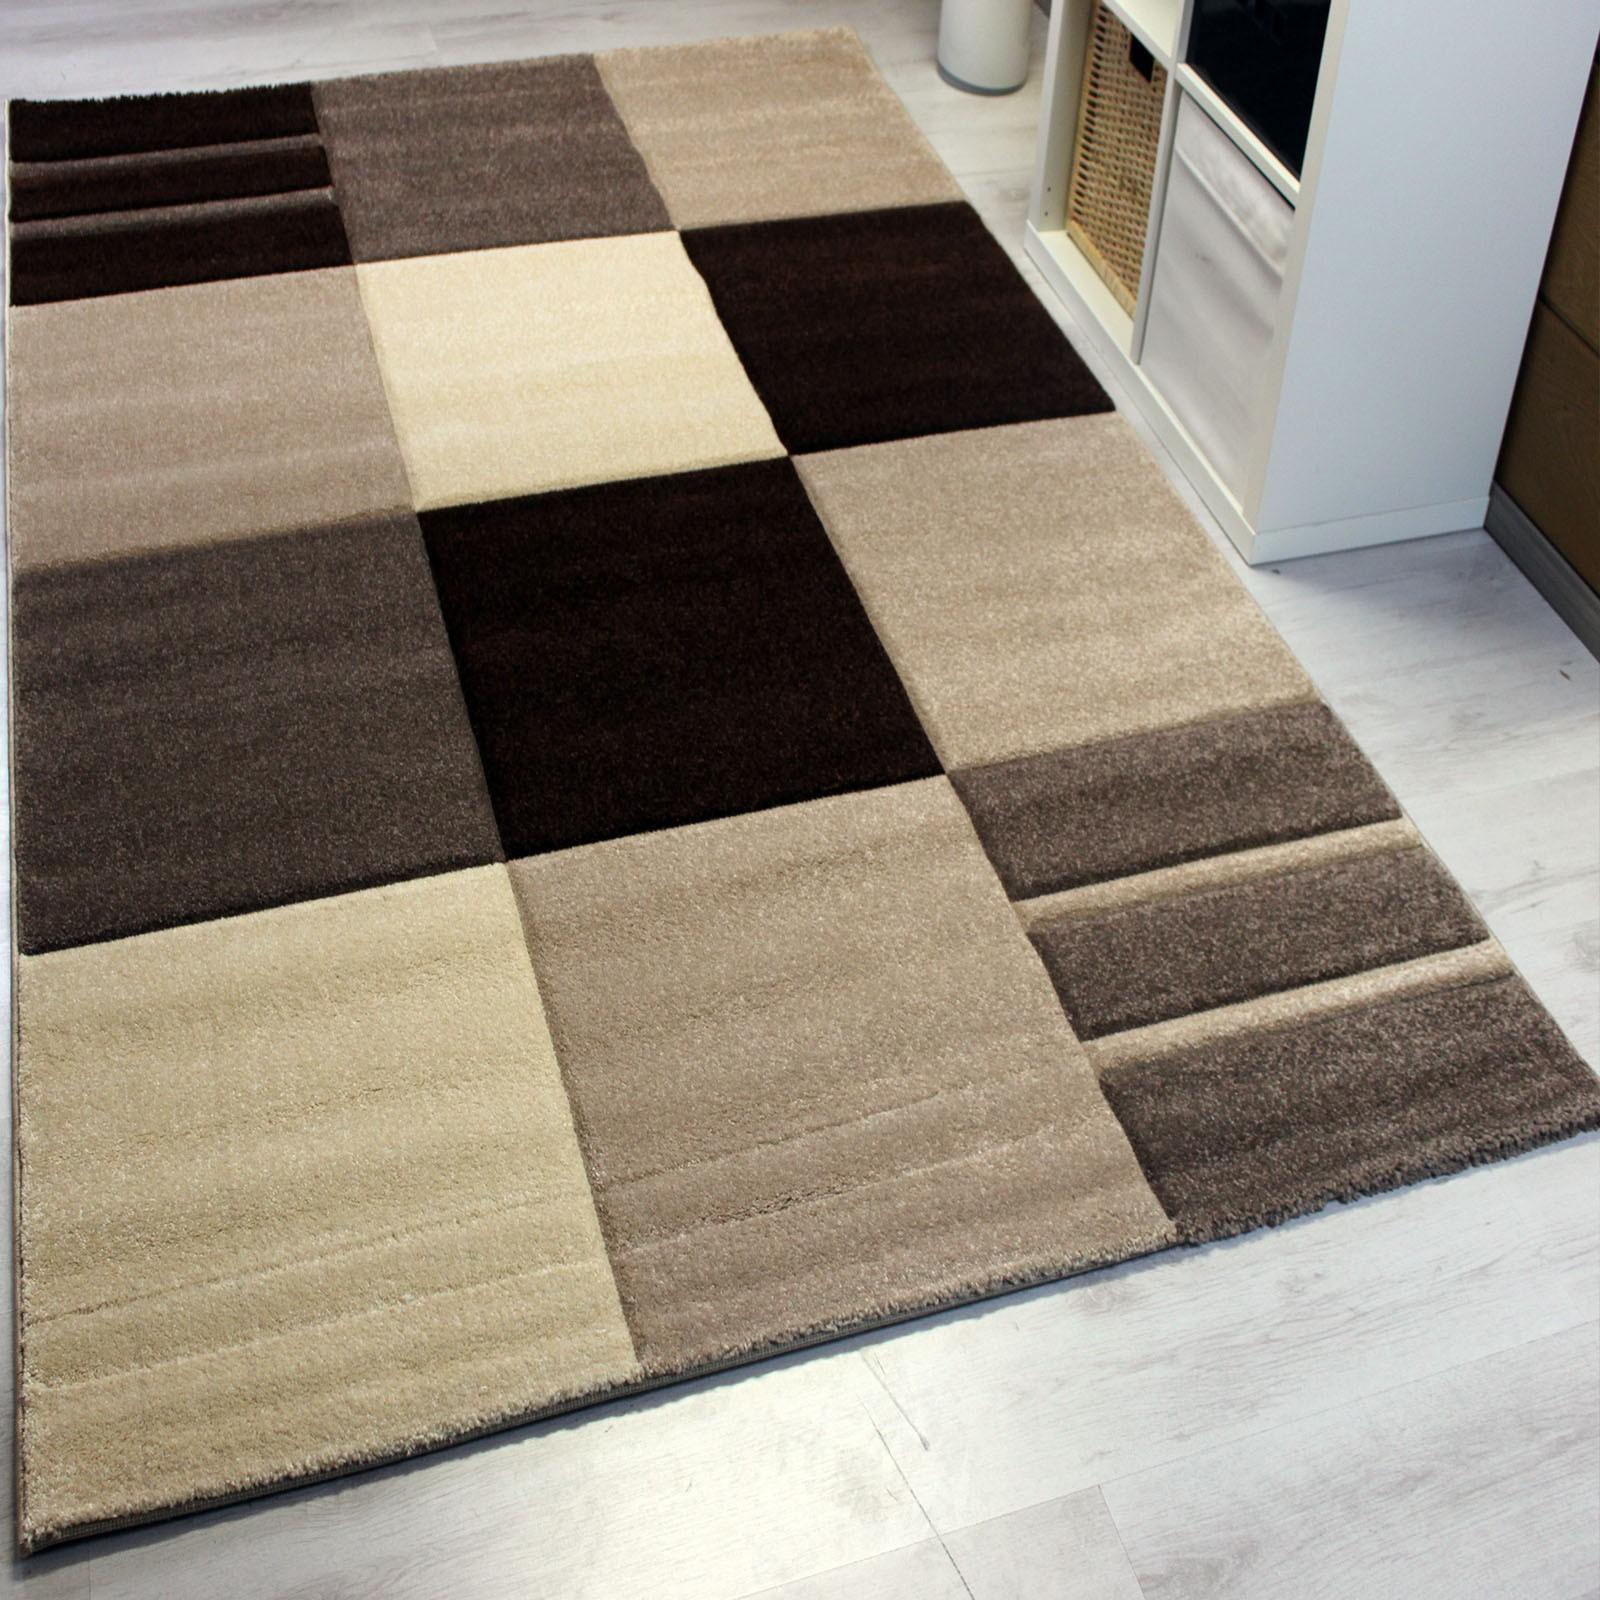 moderner designer frisee teppich kariert mit konturen. Black Bedroom Furniture Sets. Home Design Ideas